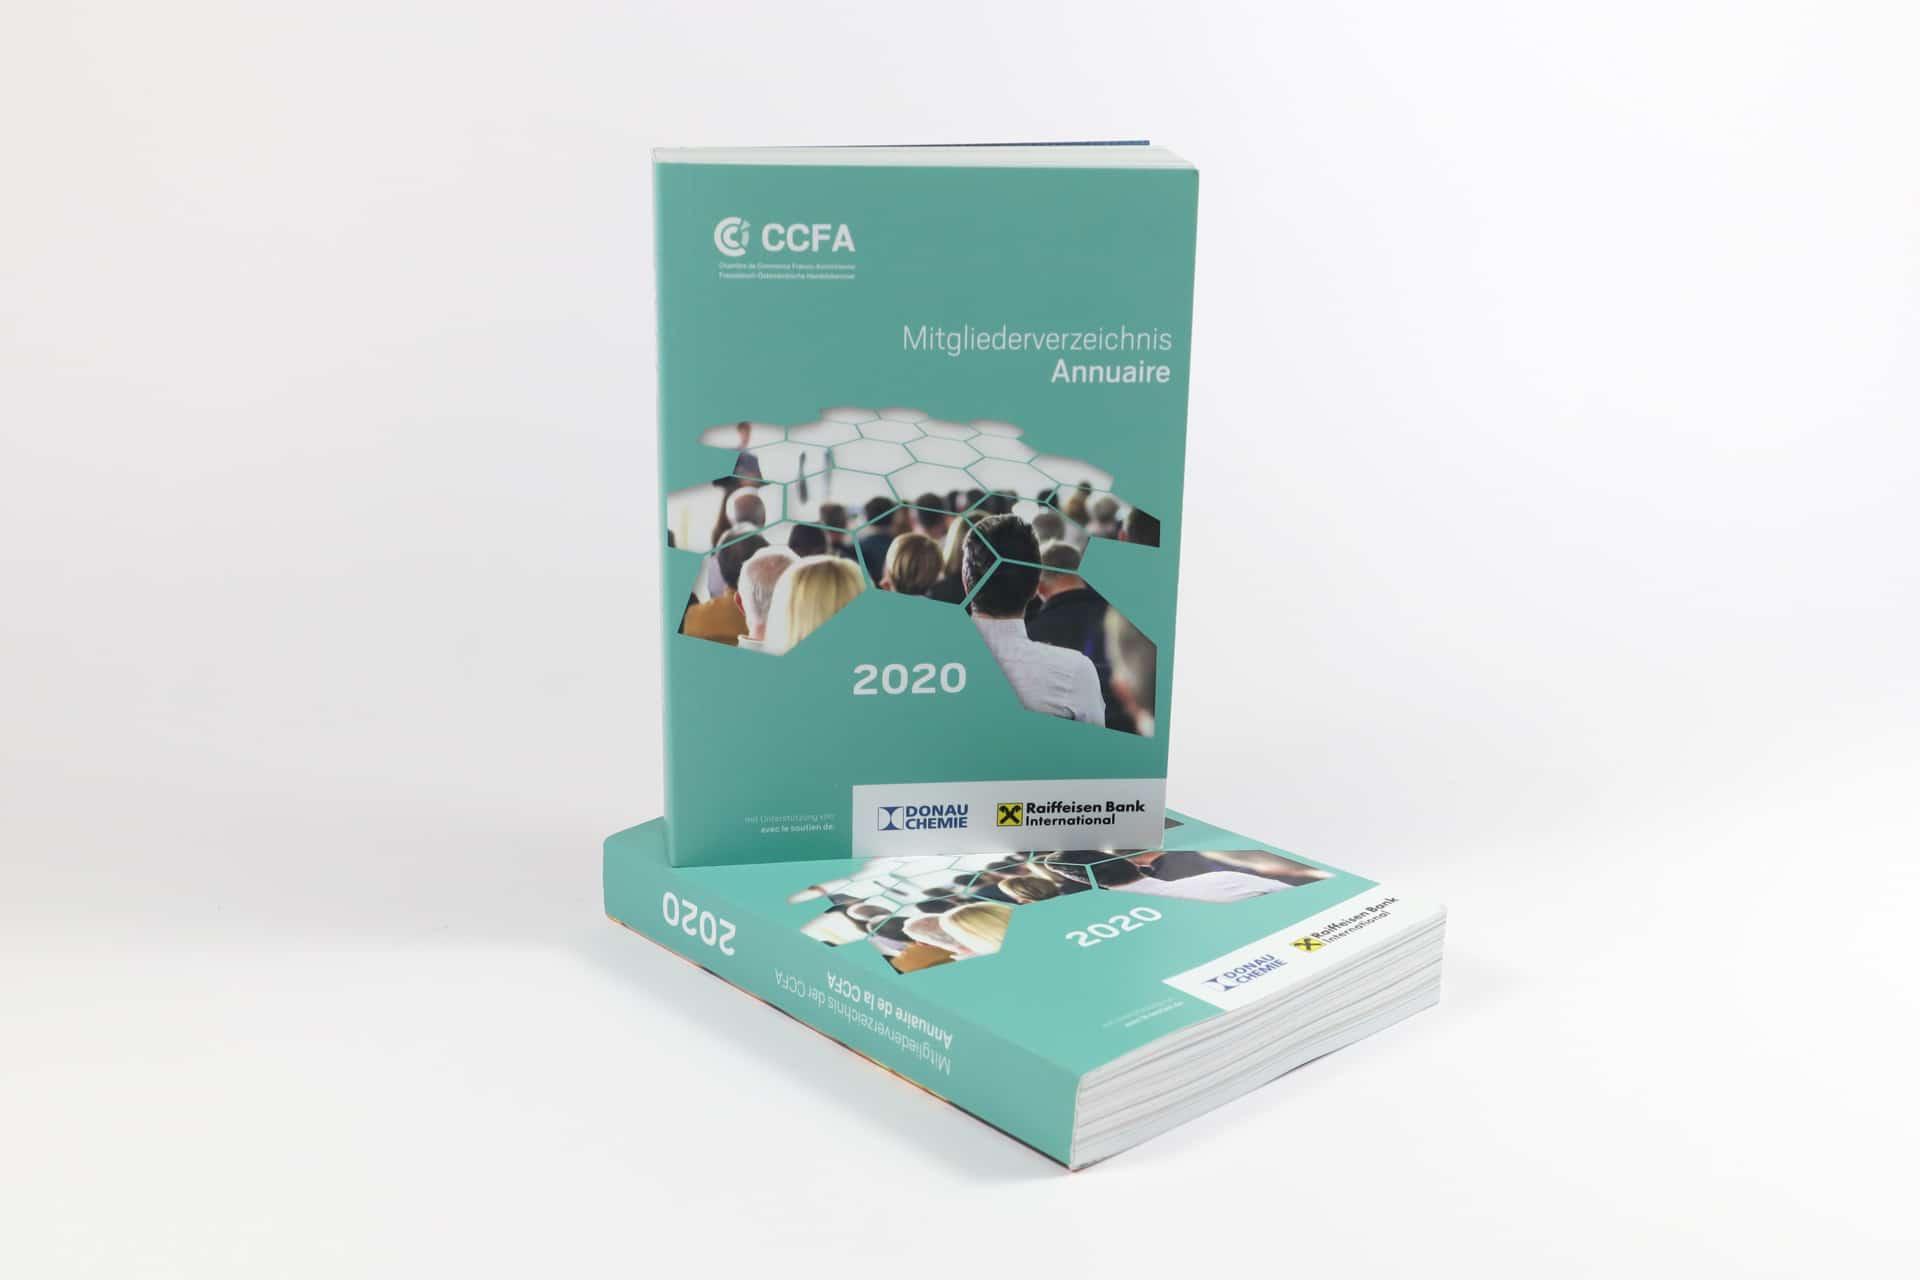 Mitgliederverzeichnis-2020-3-by-PiKSEL-CCFA